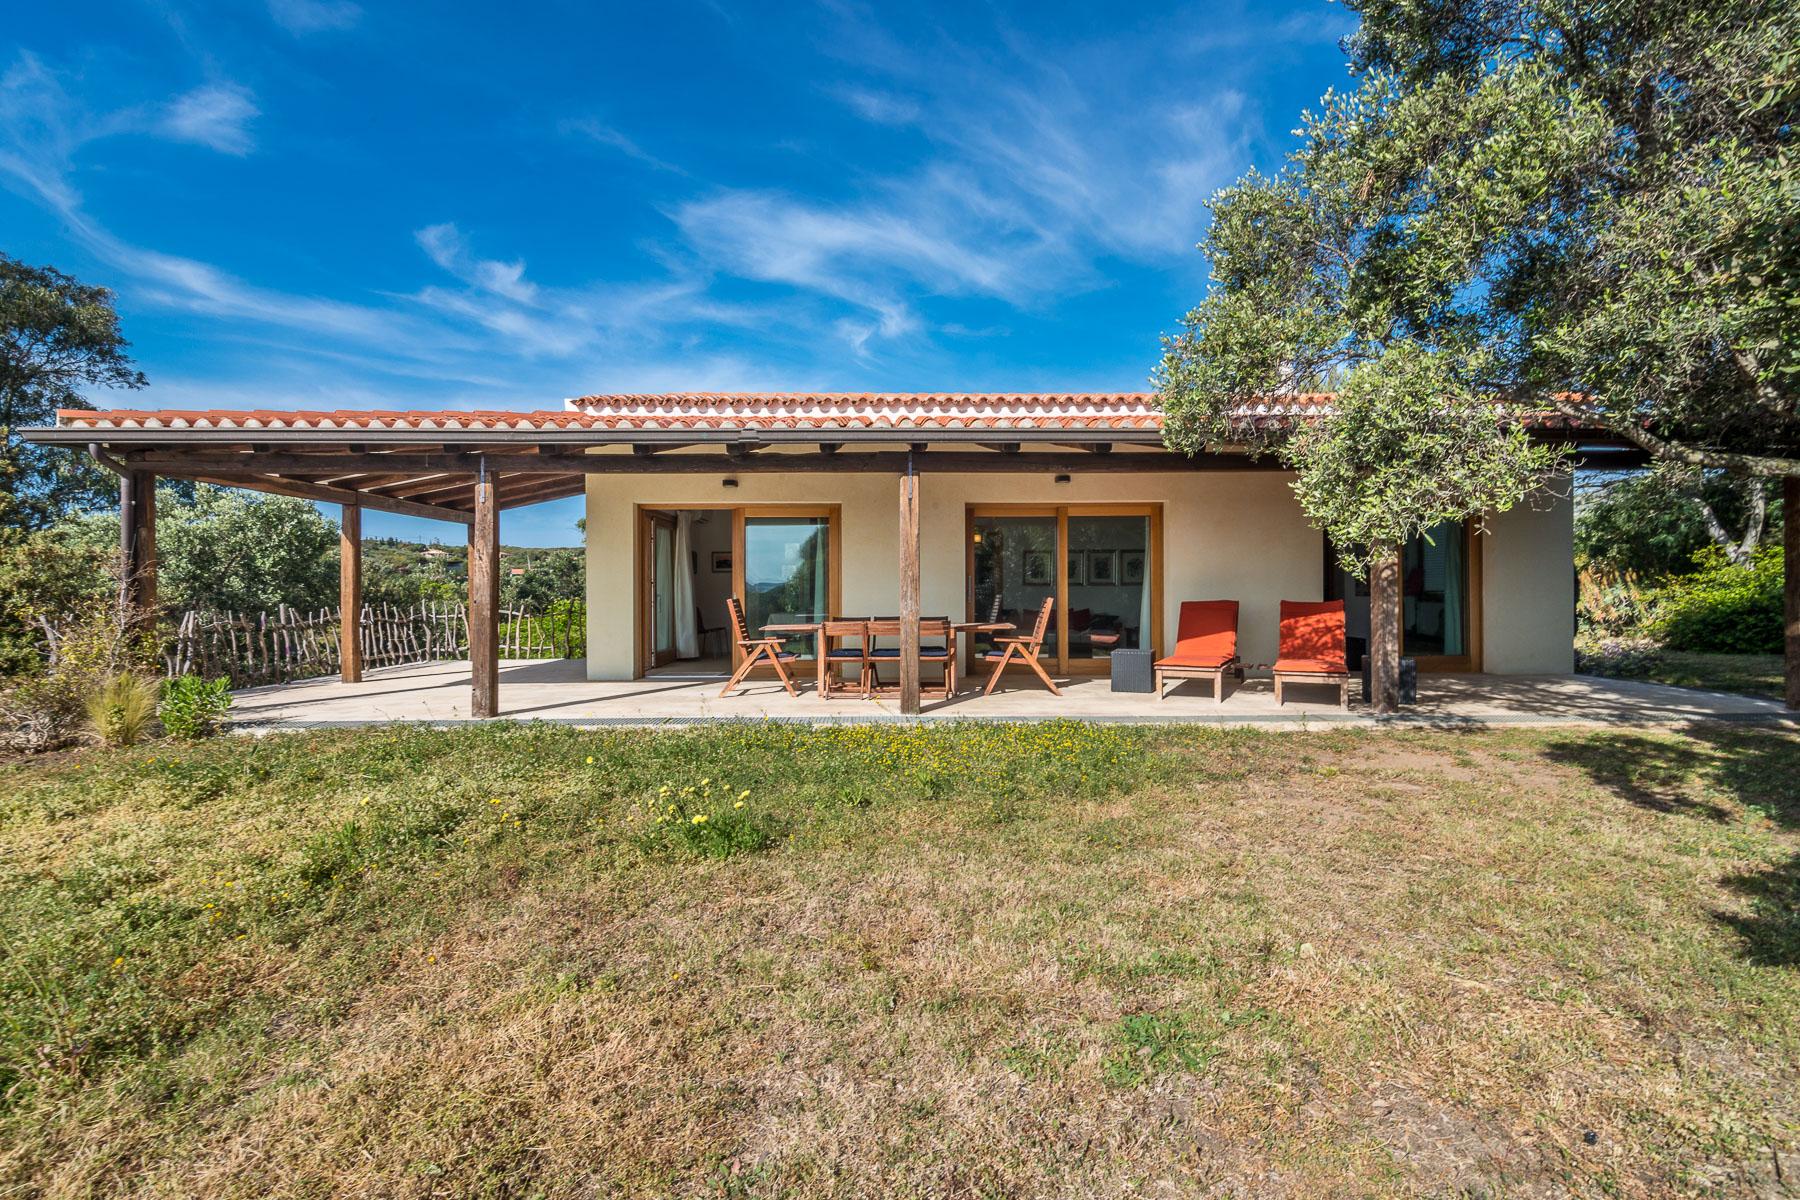 Villa in Vendita a Golfo Aranci: 5 locali, 170 mq - Foto 1